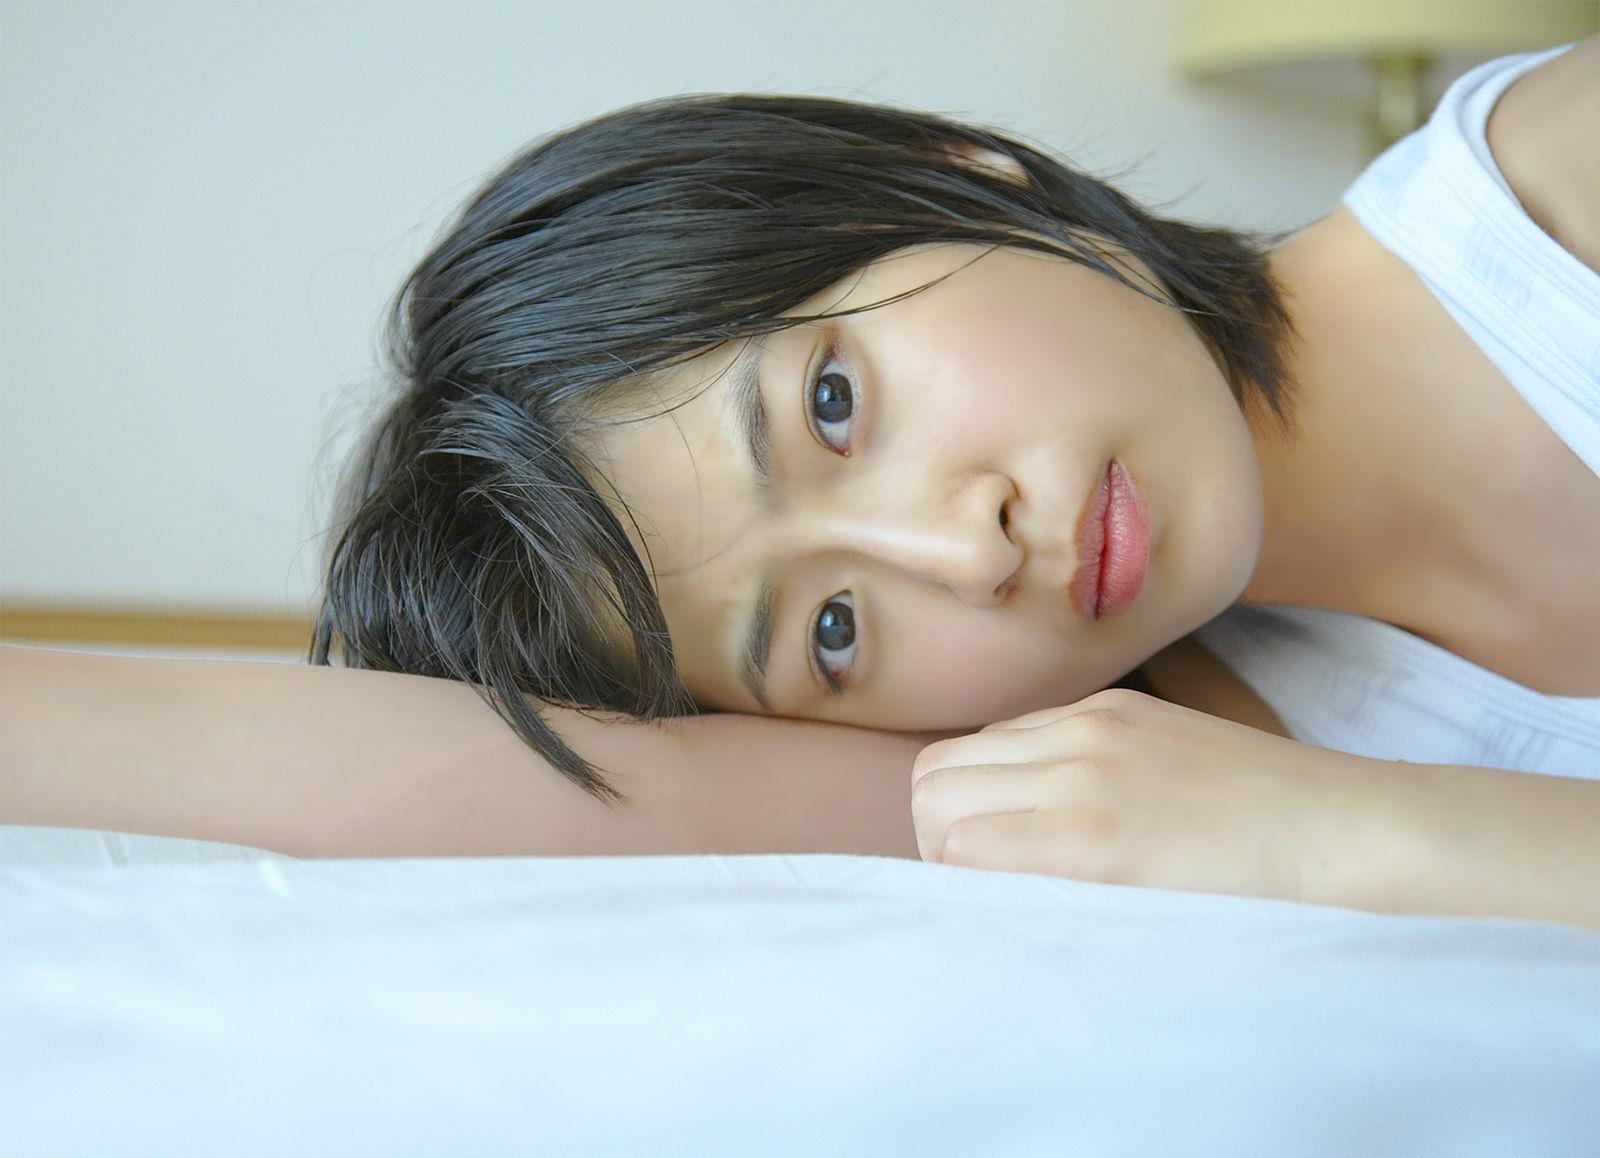 南沢奈央 画像 36